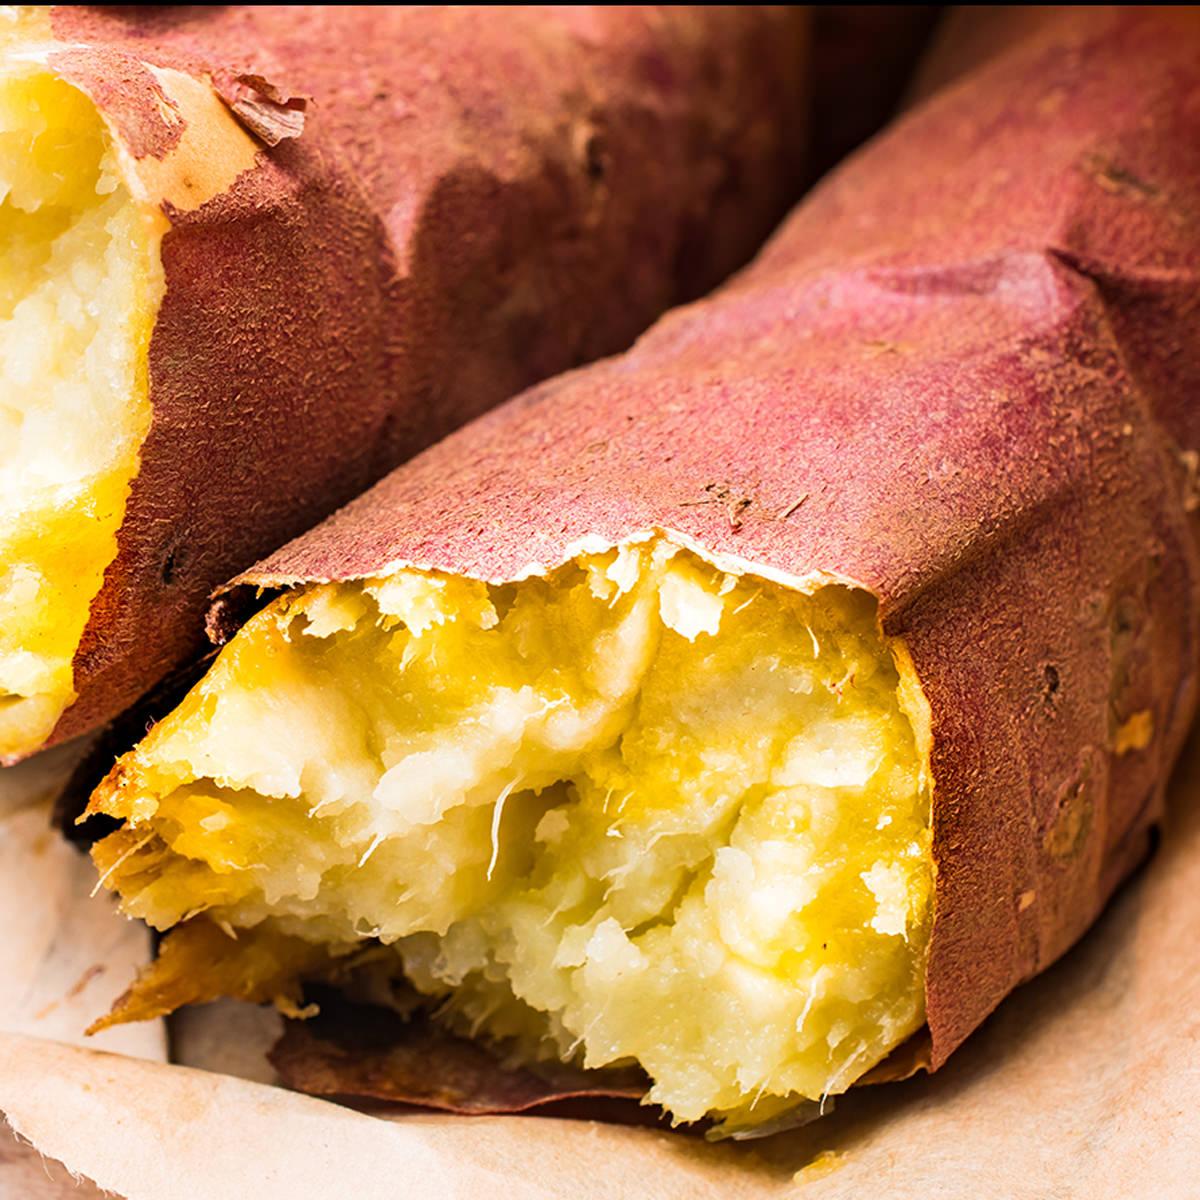 サラダファイブ 濃厚で甘いブランド芋 熊本県産さつまいも シルクスイート A等級〔Lサイズ2kg〕